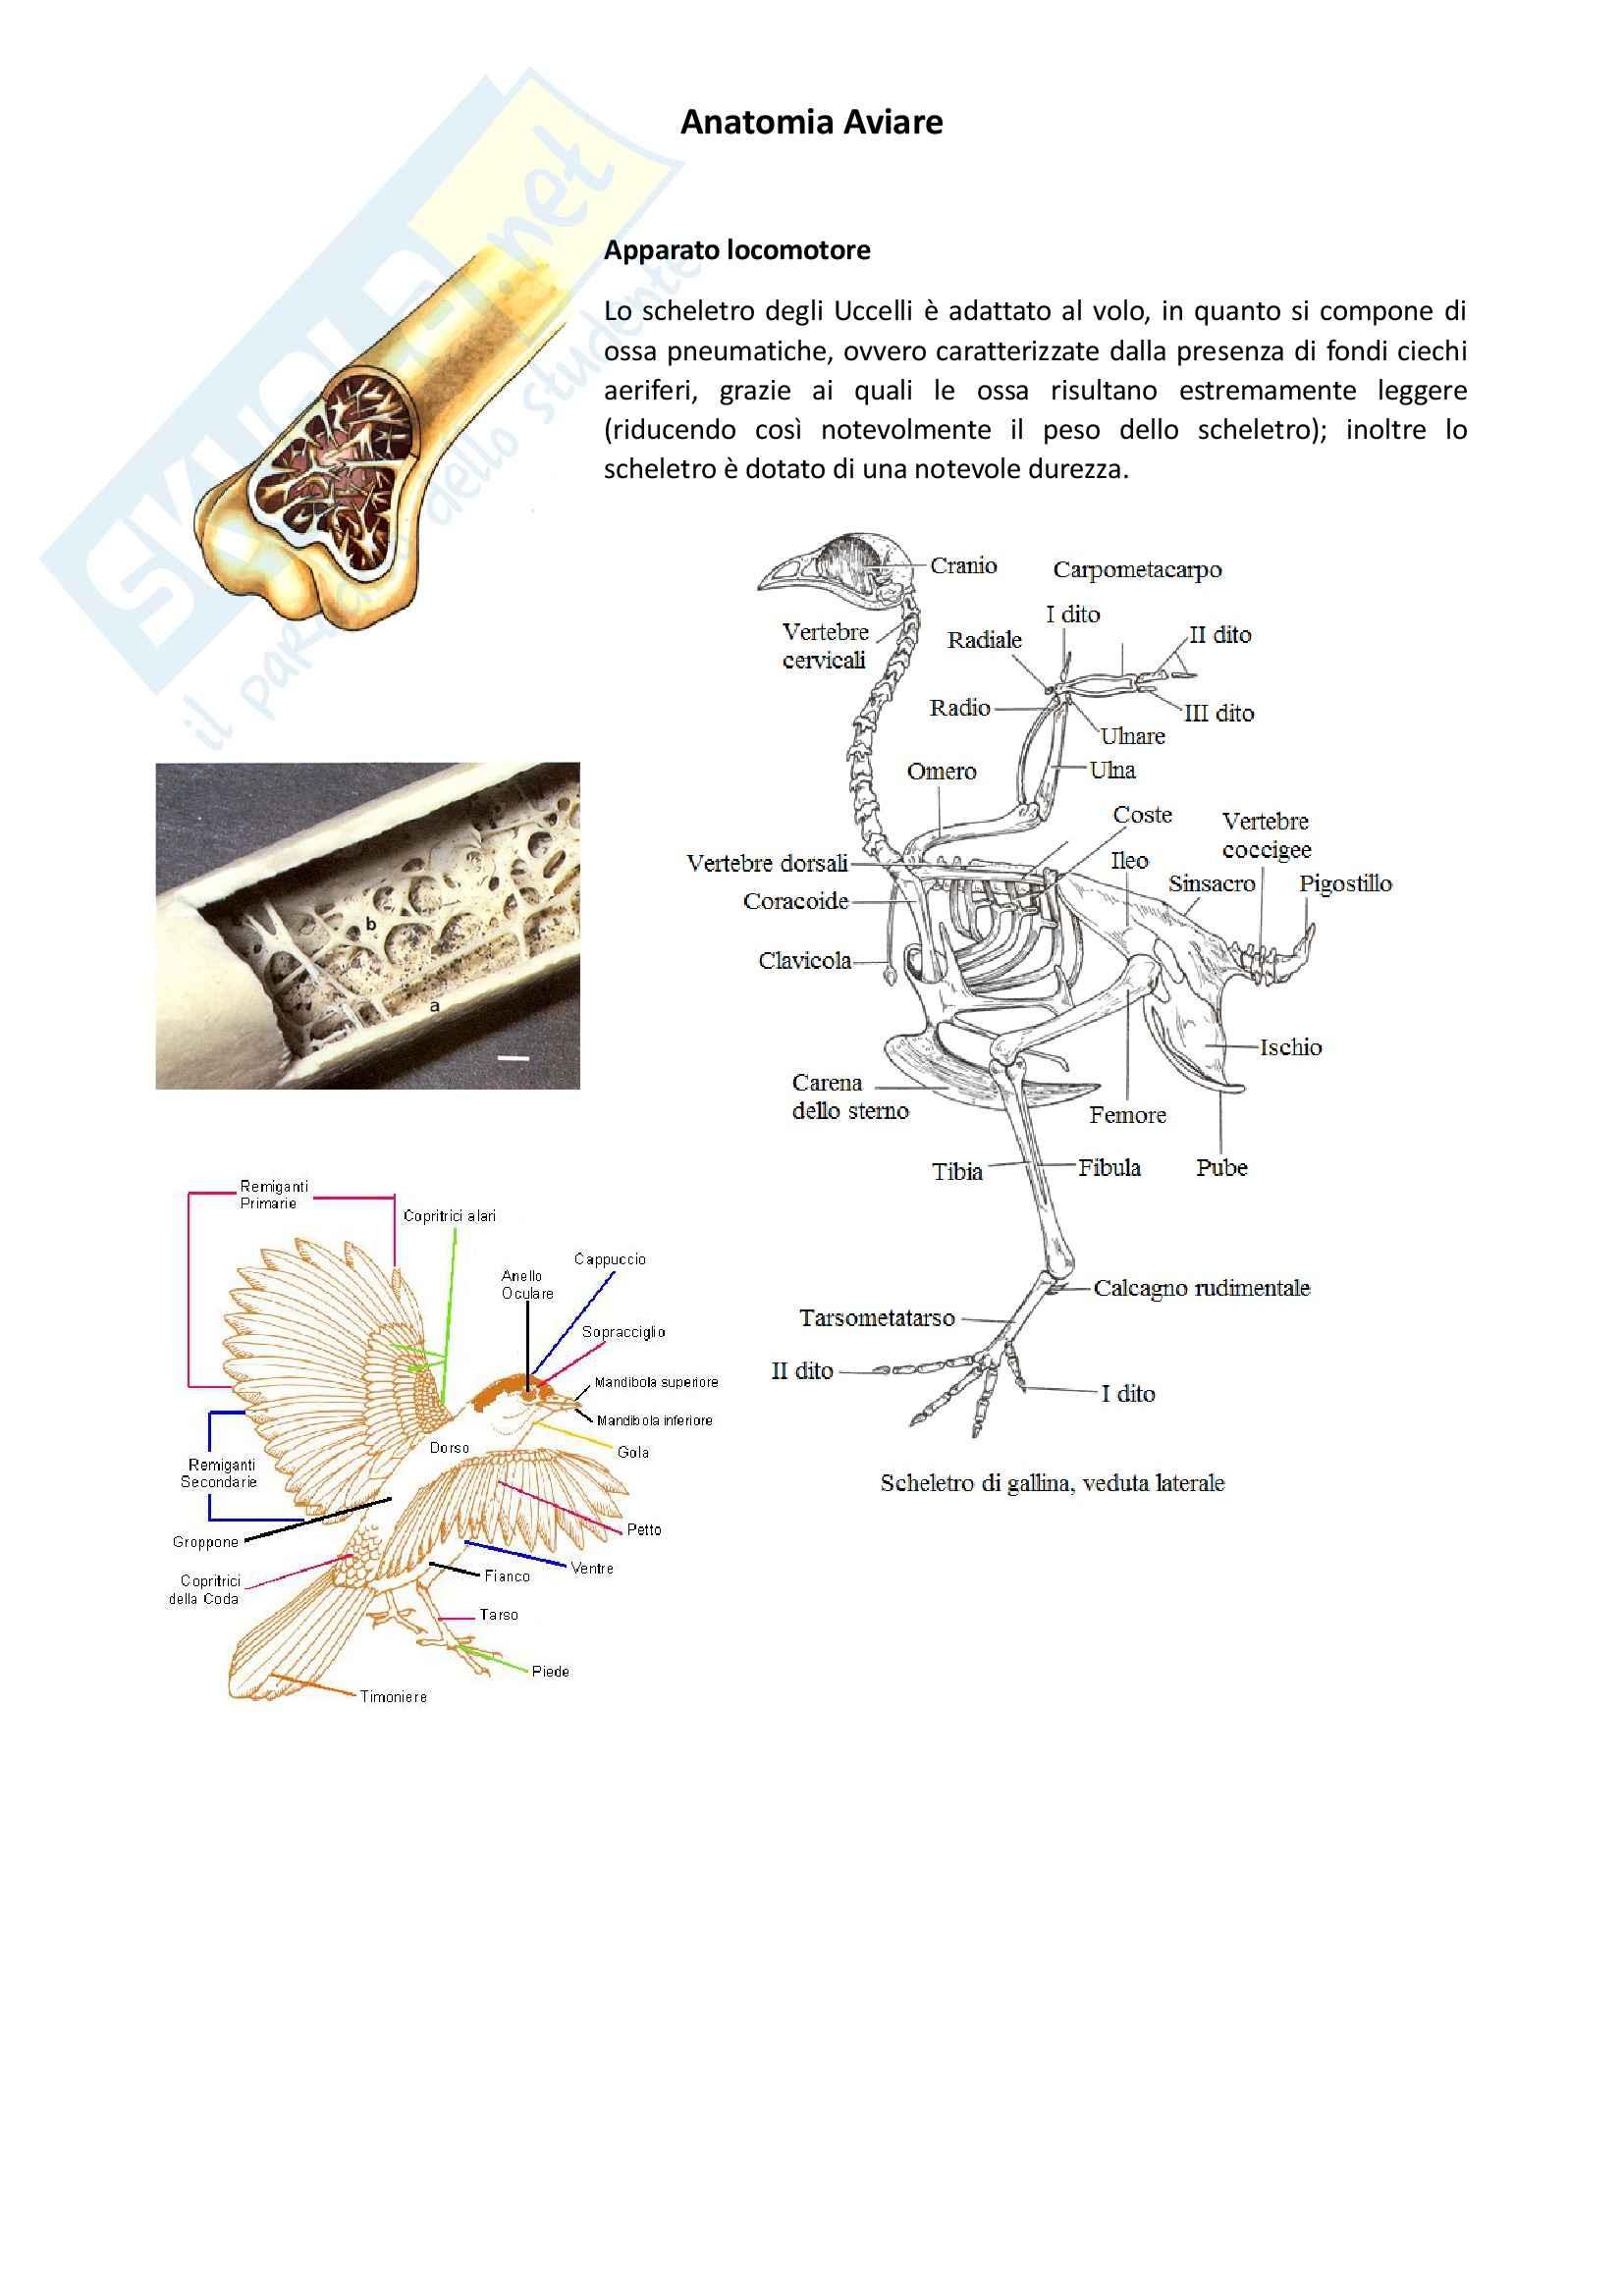 Anatomia Aviare, Anatomia con elementi di istologia